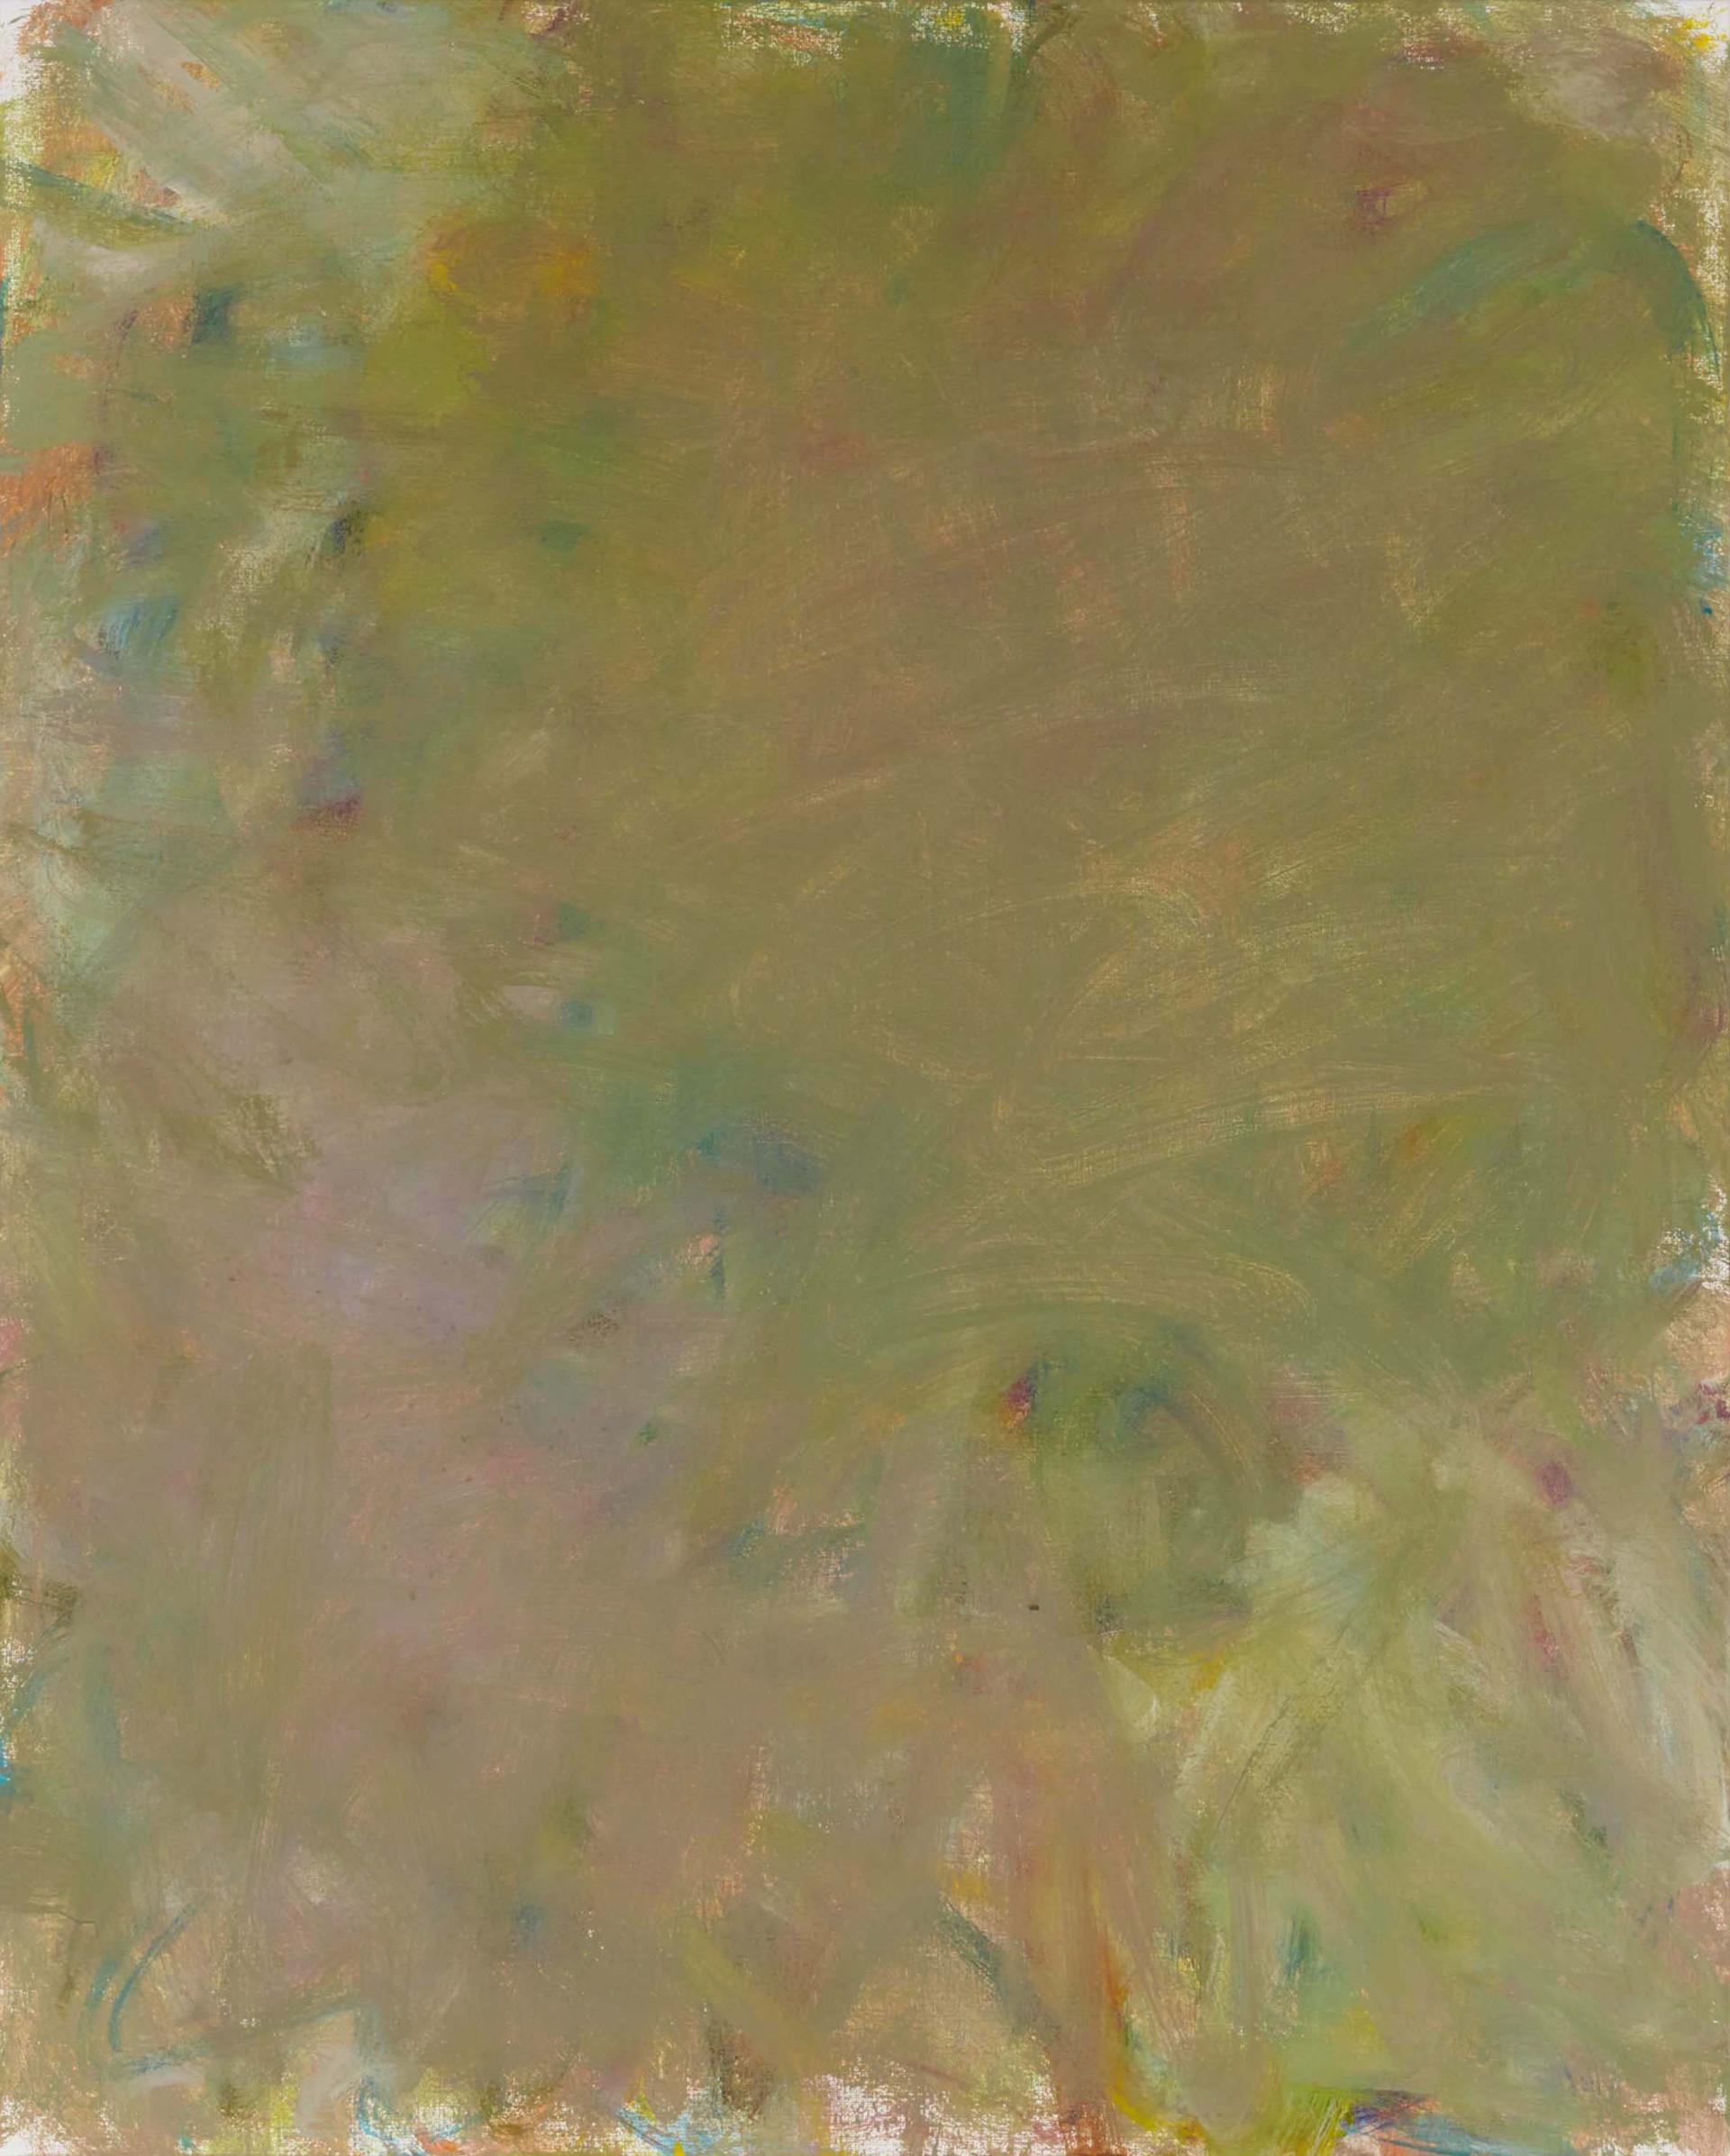 Sans titre (LA 01-09), 2019, acrylique sur toile, 81 x 65 cm